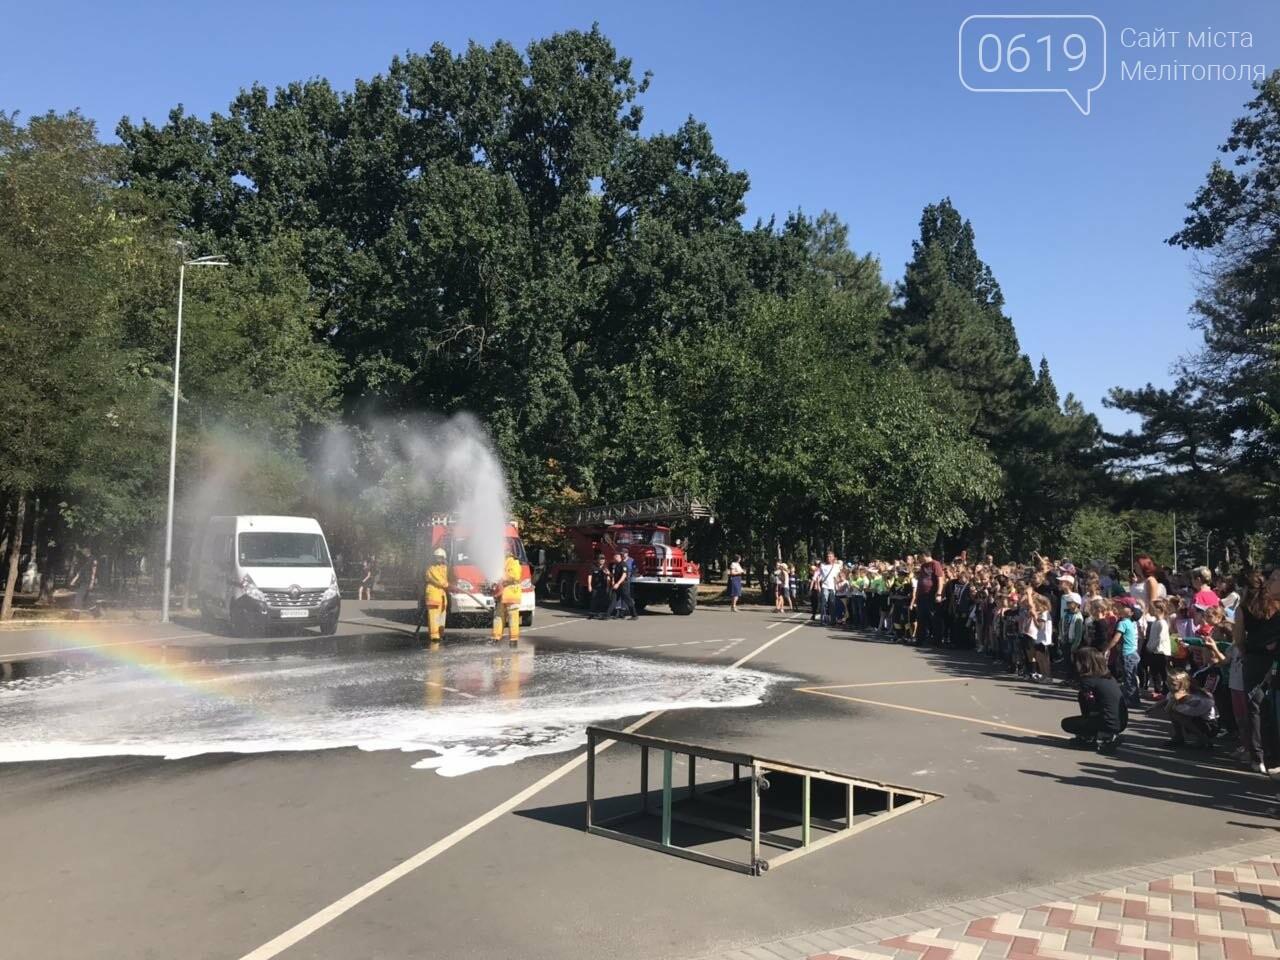 Мелитопольские спасатели провели масштабную акцию для детей, фото-16